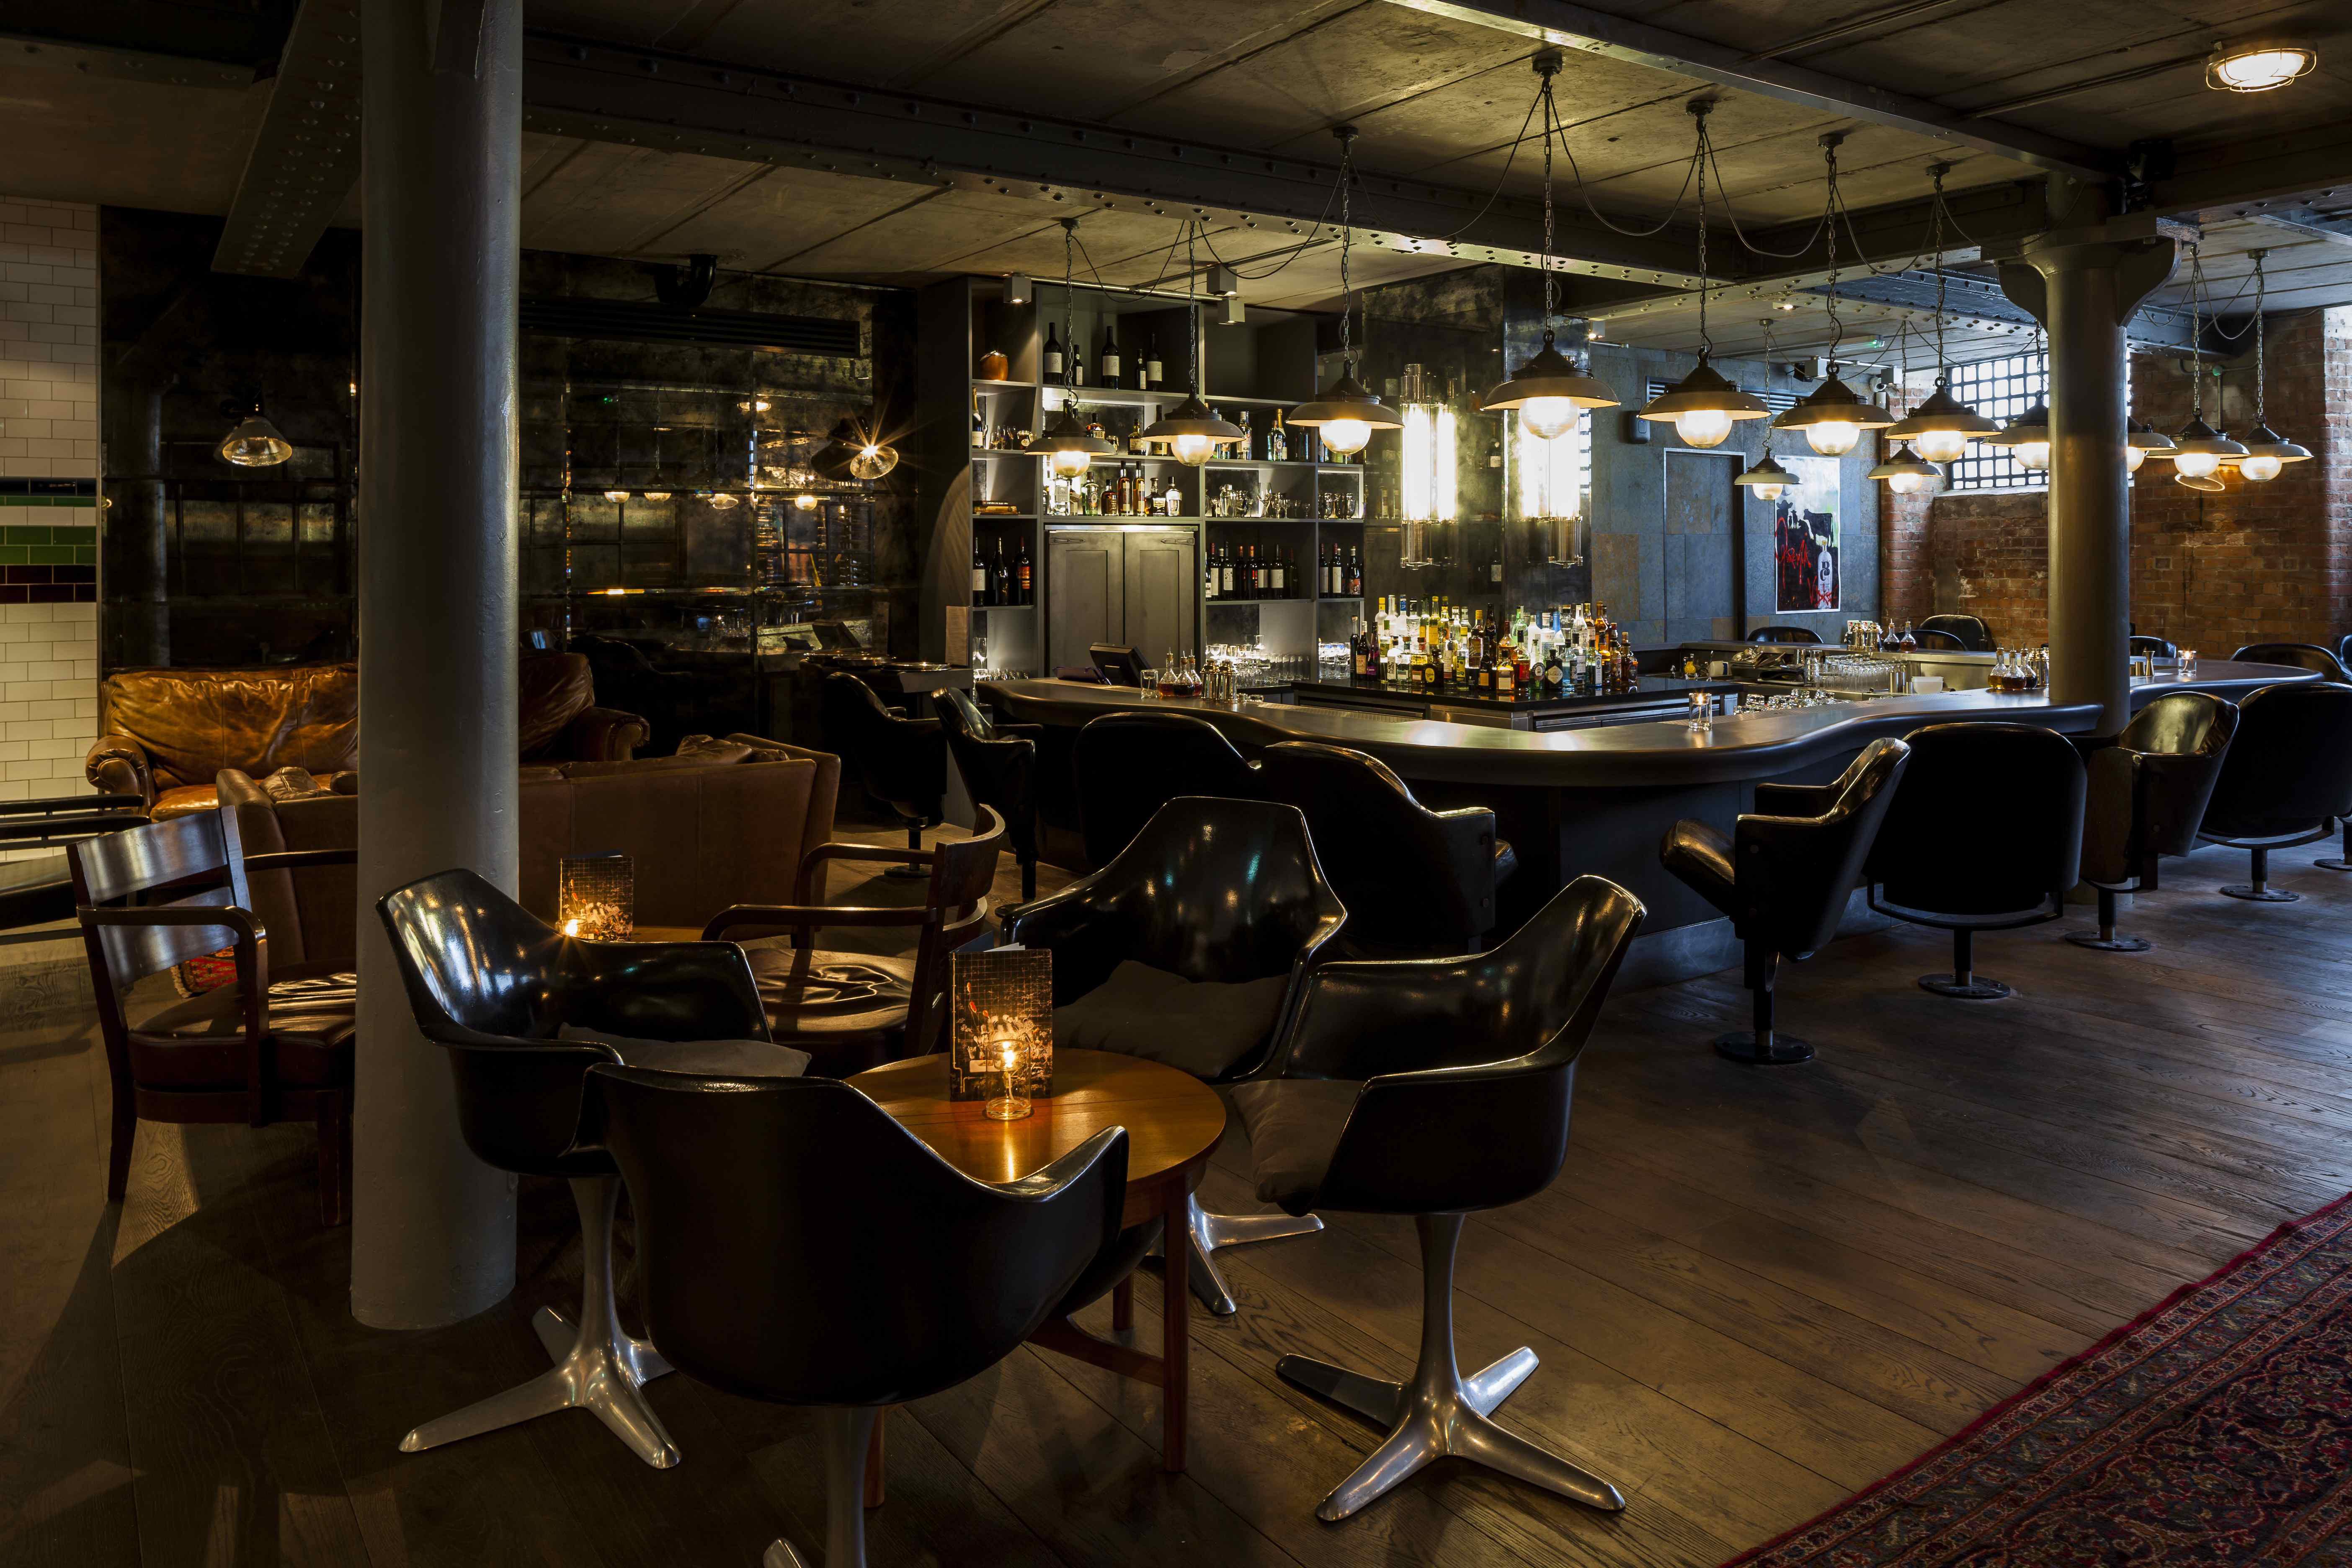 Birthday Dinner Restaurants  Best restaurants for birthday dinners in London Best